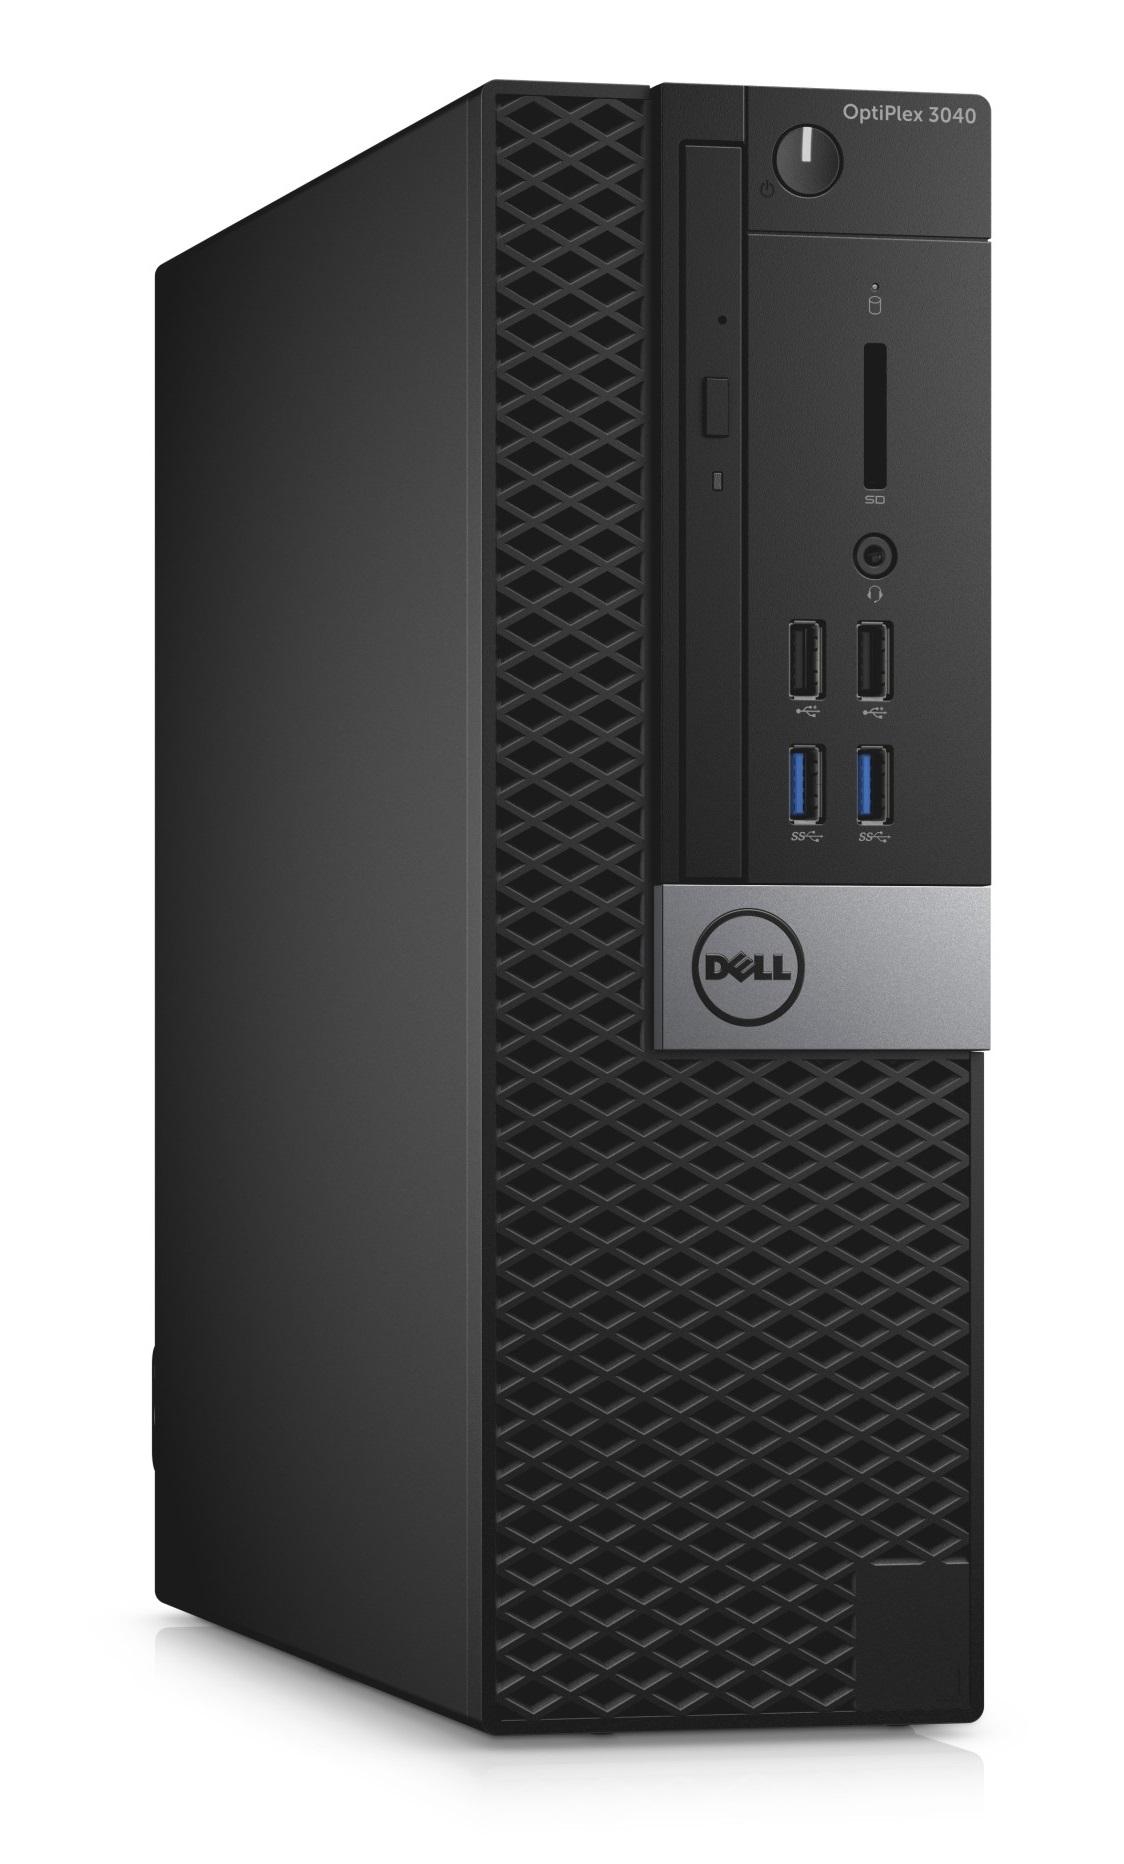 Dell Optiplex 3040S i3-6100/4GB/500GB/MCR/HDMI/DP/DVD-RW/W10P/3RNBD/Černý